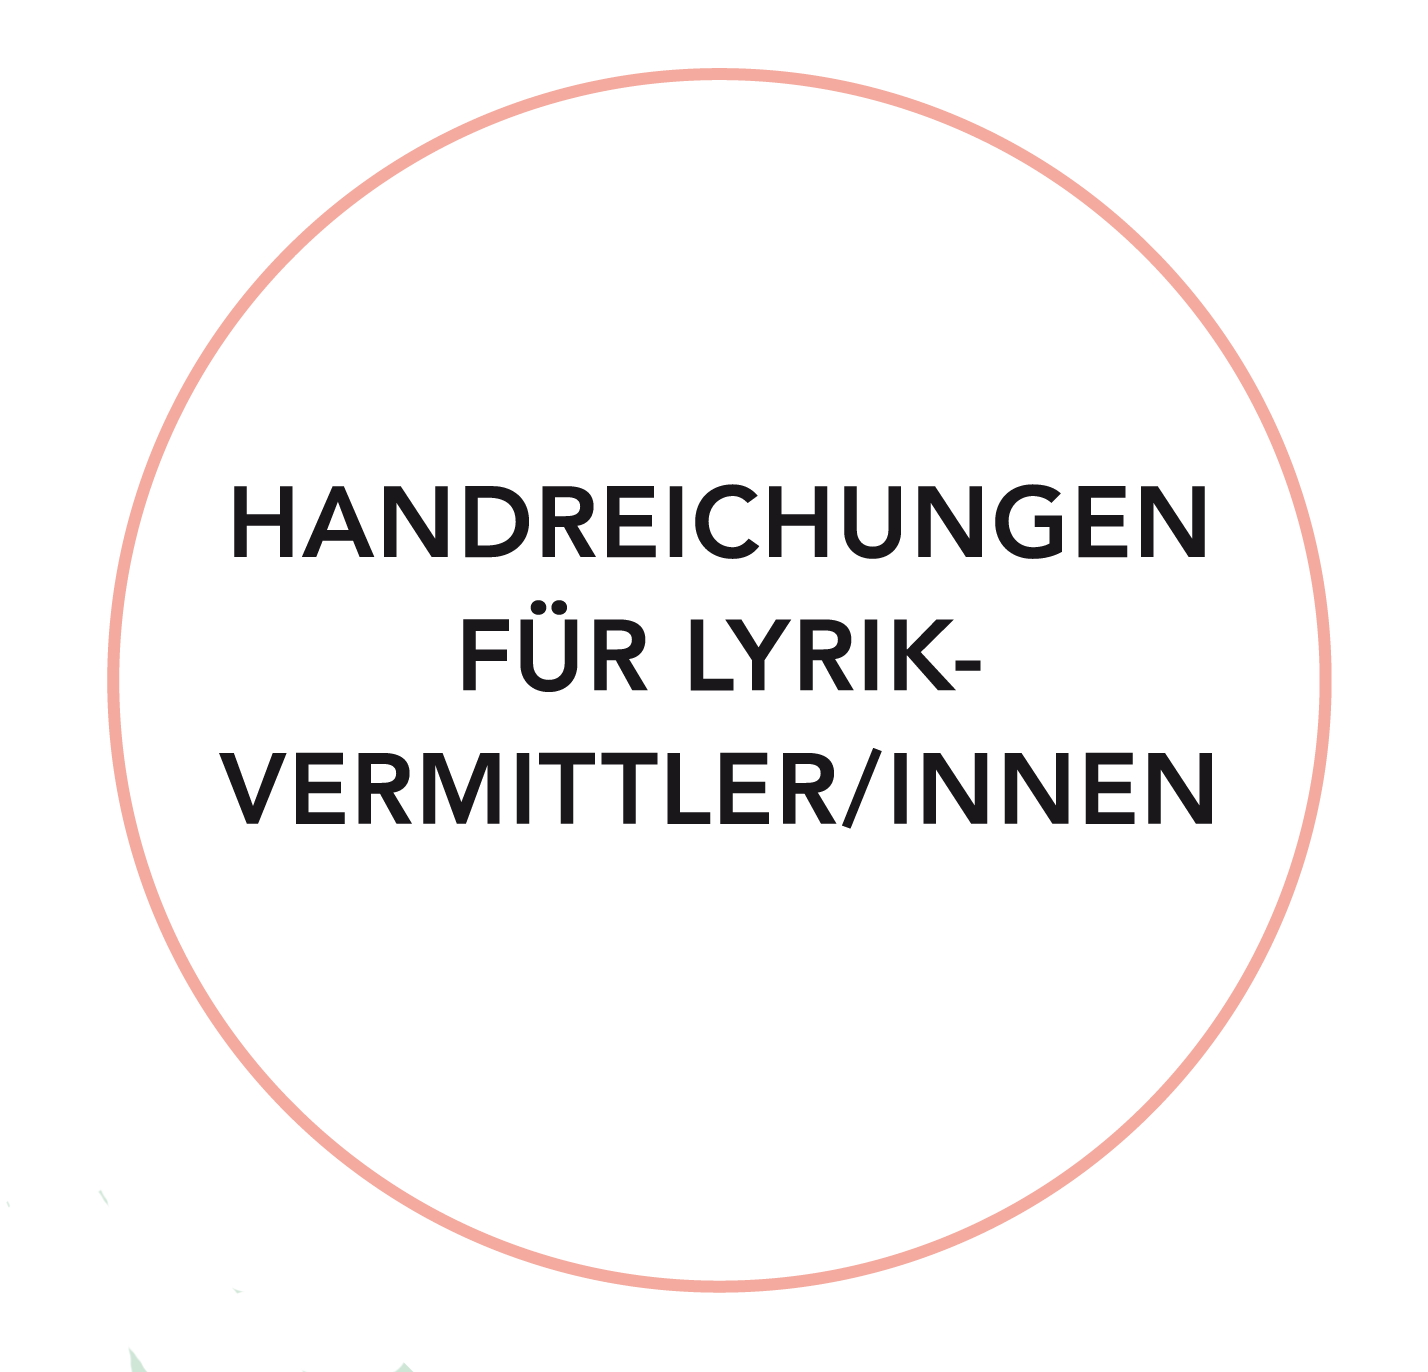 Startseite Lyriklineorg